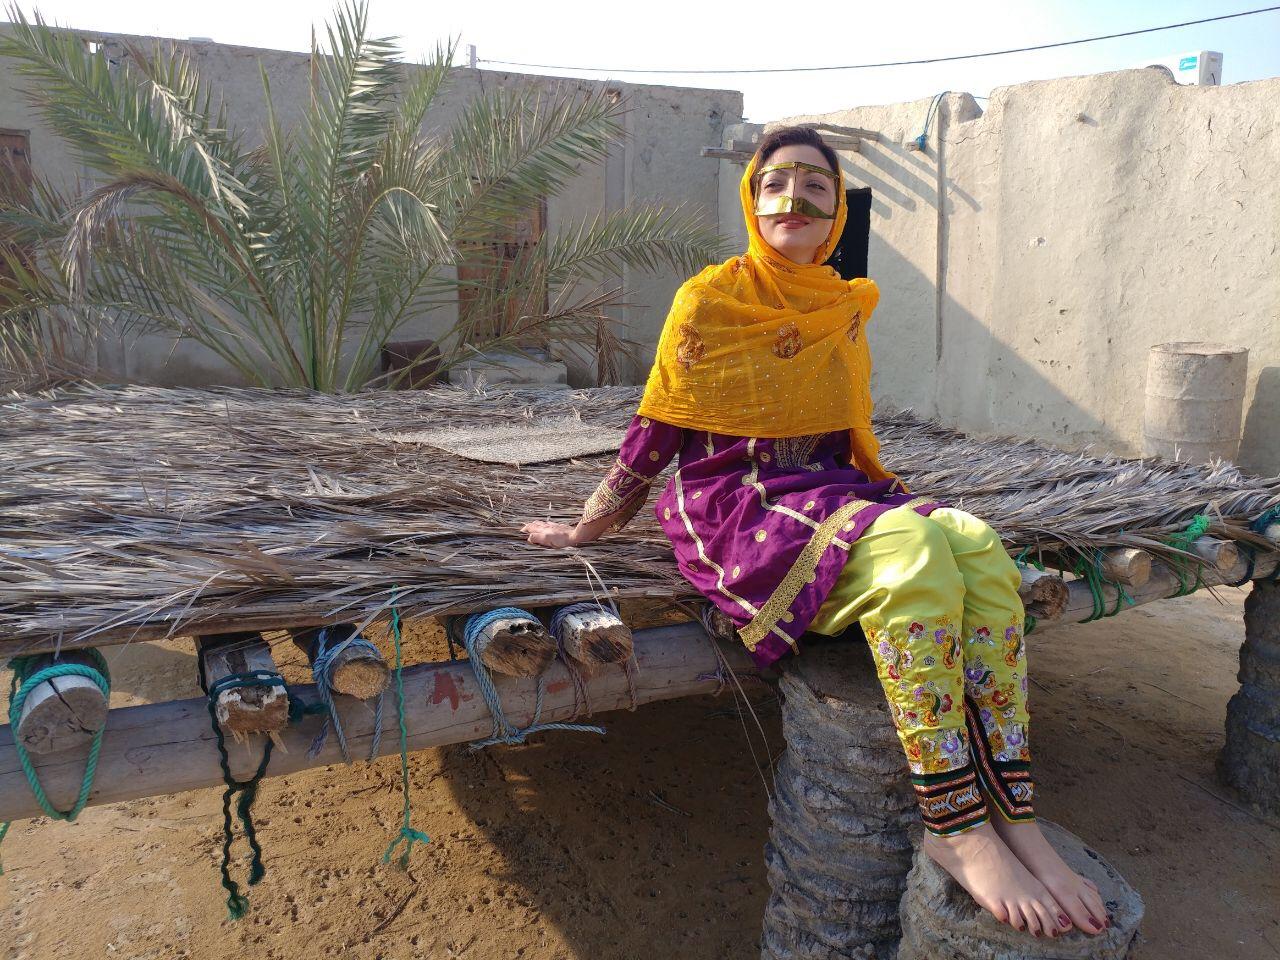 vrouw poseert met masker niqaab Qesm eiland